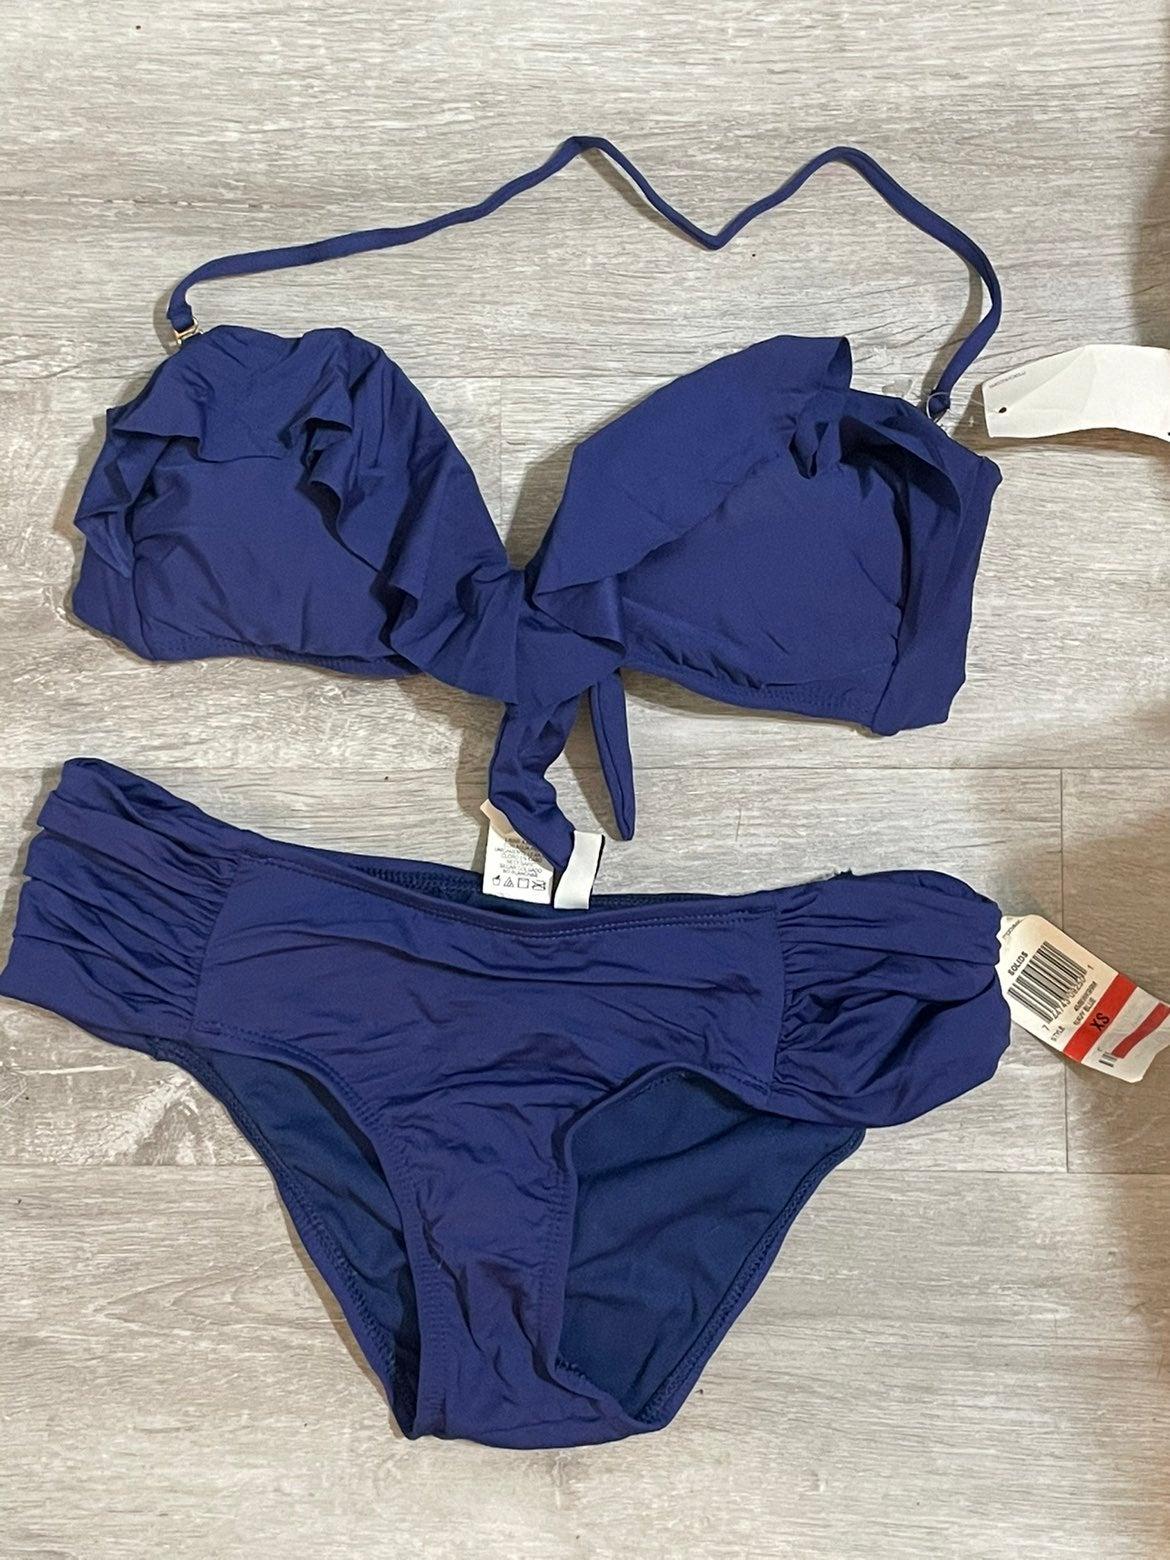 Pretty Navy Bikini